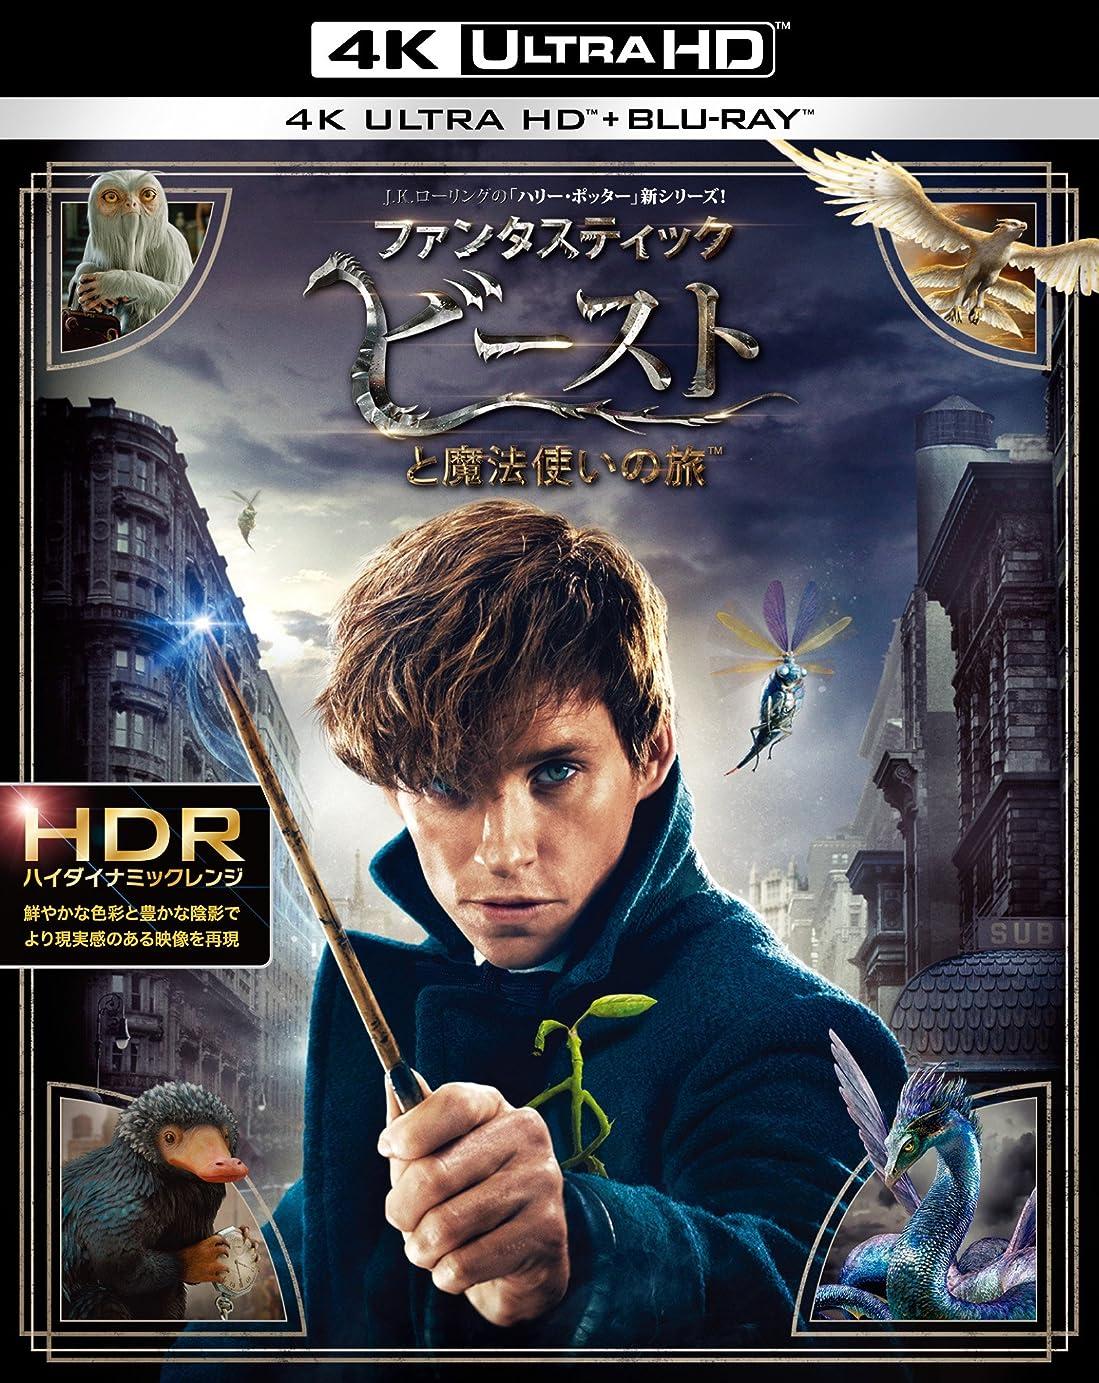 あえてアーティキュレーション戦艦ファンタスティック?ビーストと魔法使いの旅  4K ULTRA HD&2D ブルーレイセット (2枚組) [Blu-ray]